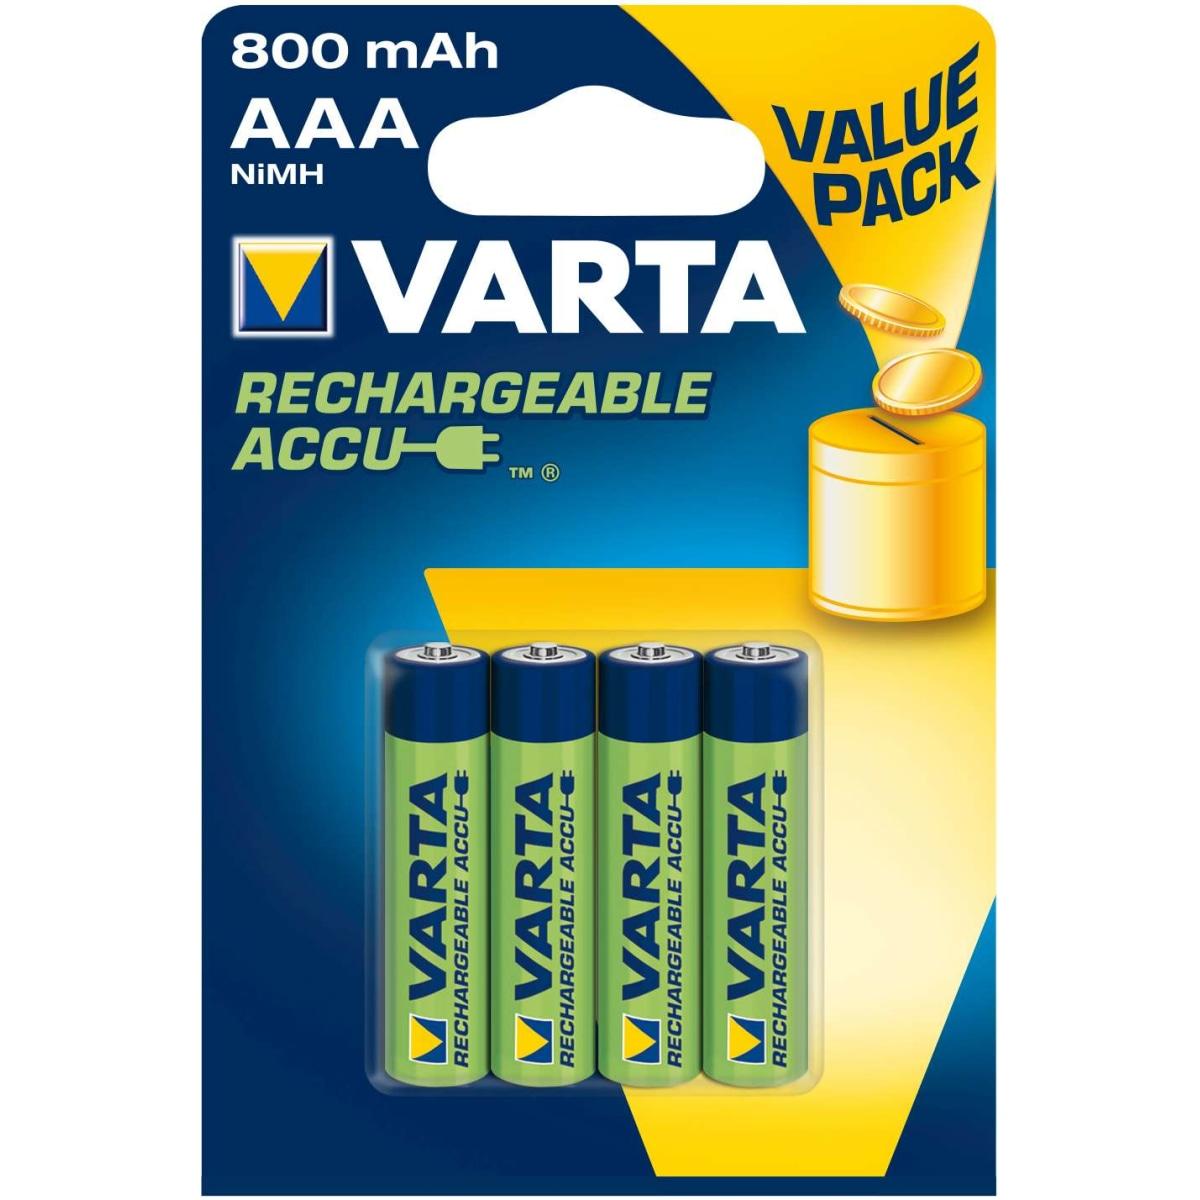 Varta Akku Value Pack Micro 800mAh